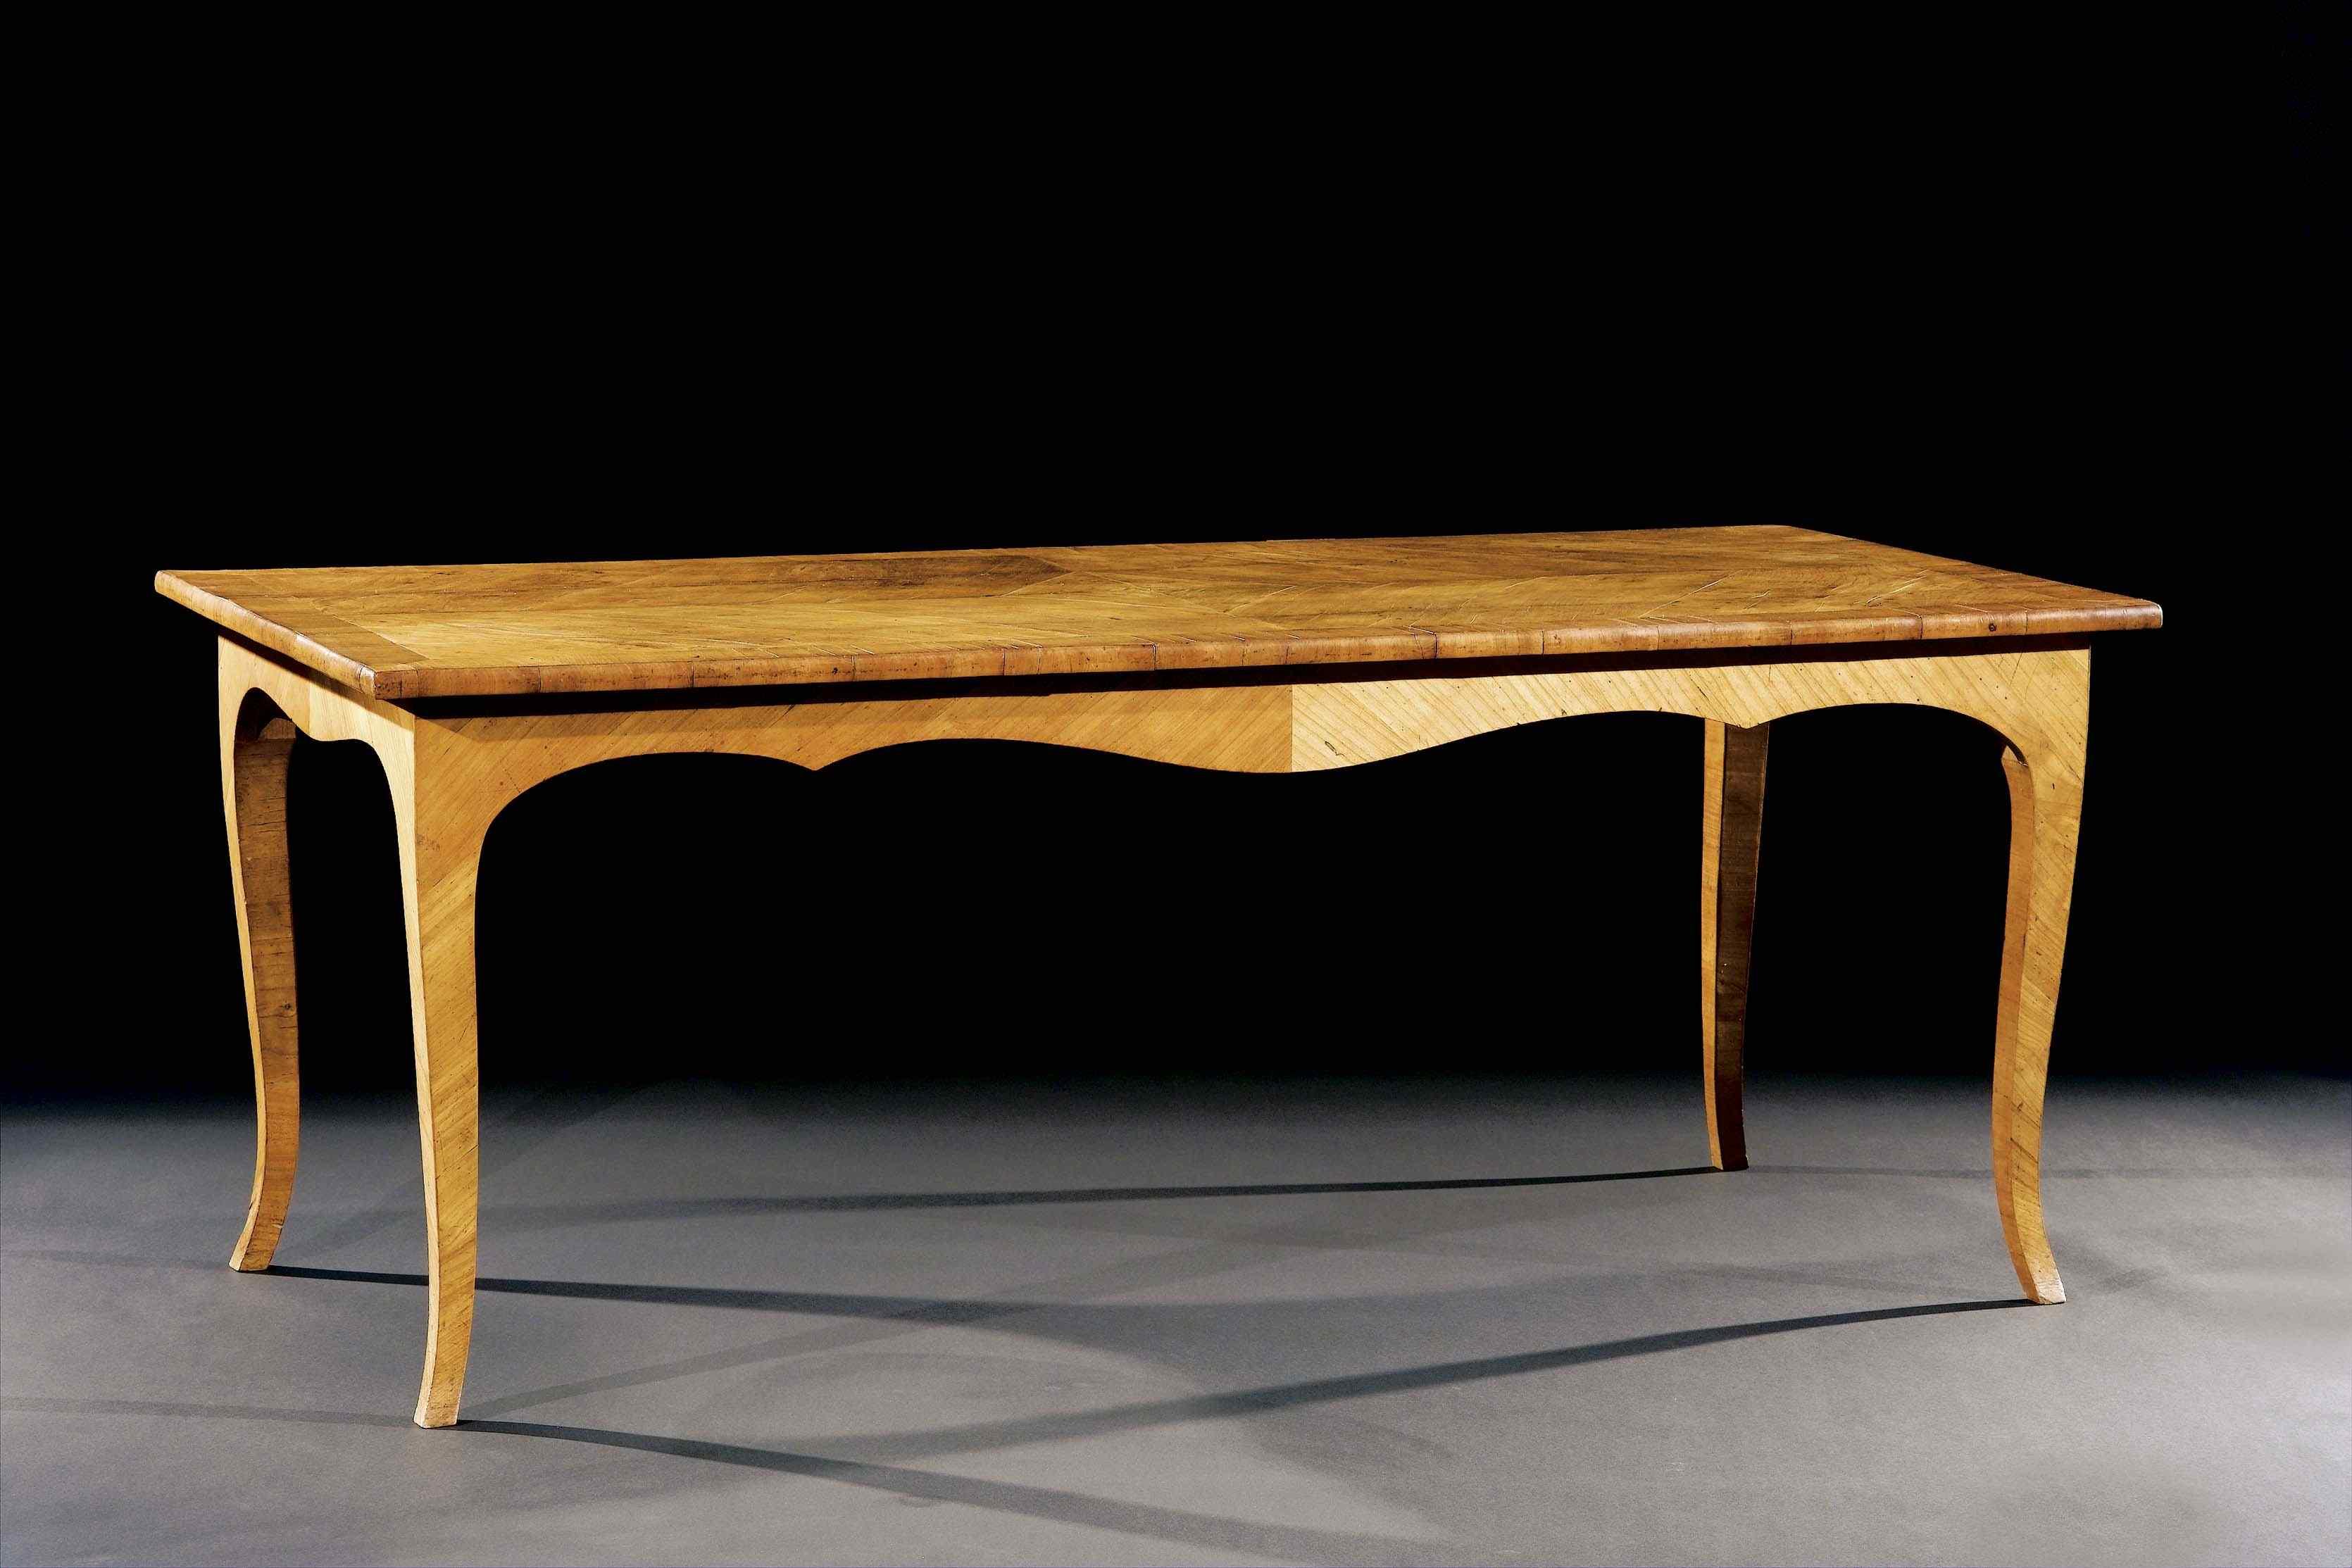 Antico tavolo da pranzo anticswiss - Altezza tavolo da pranzo ...